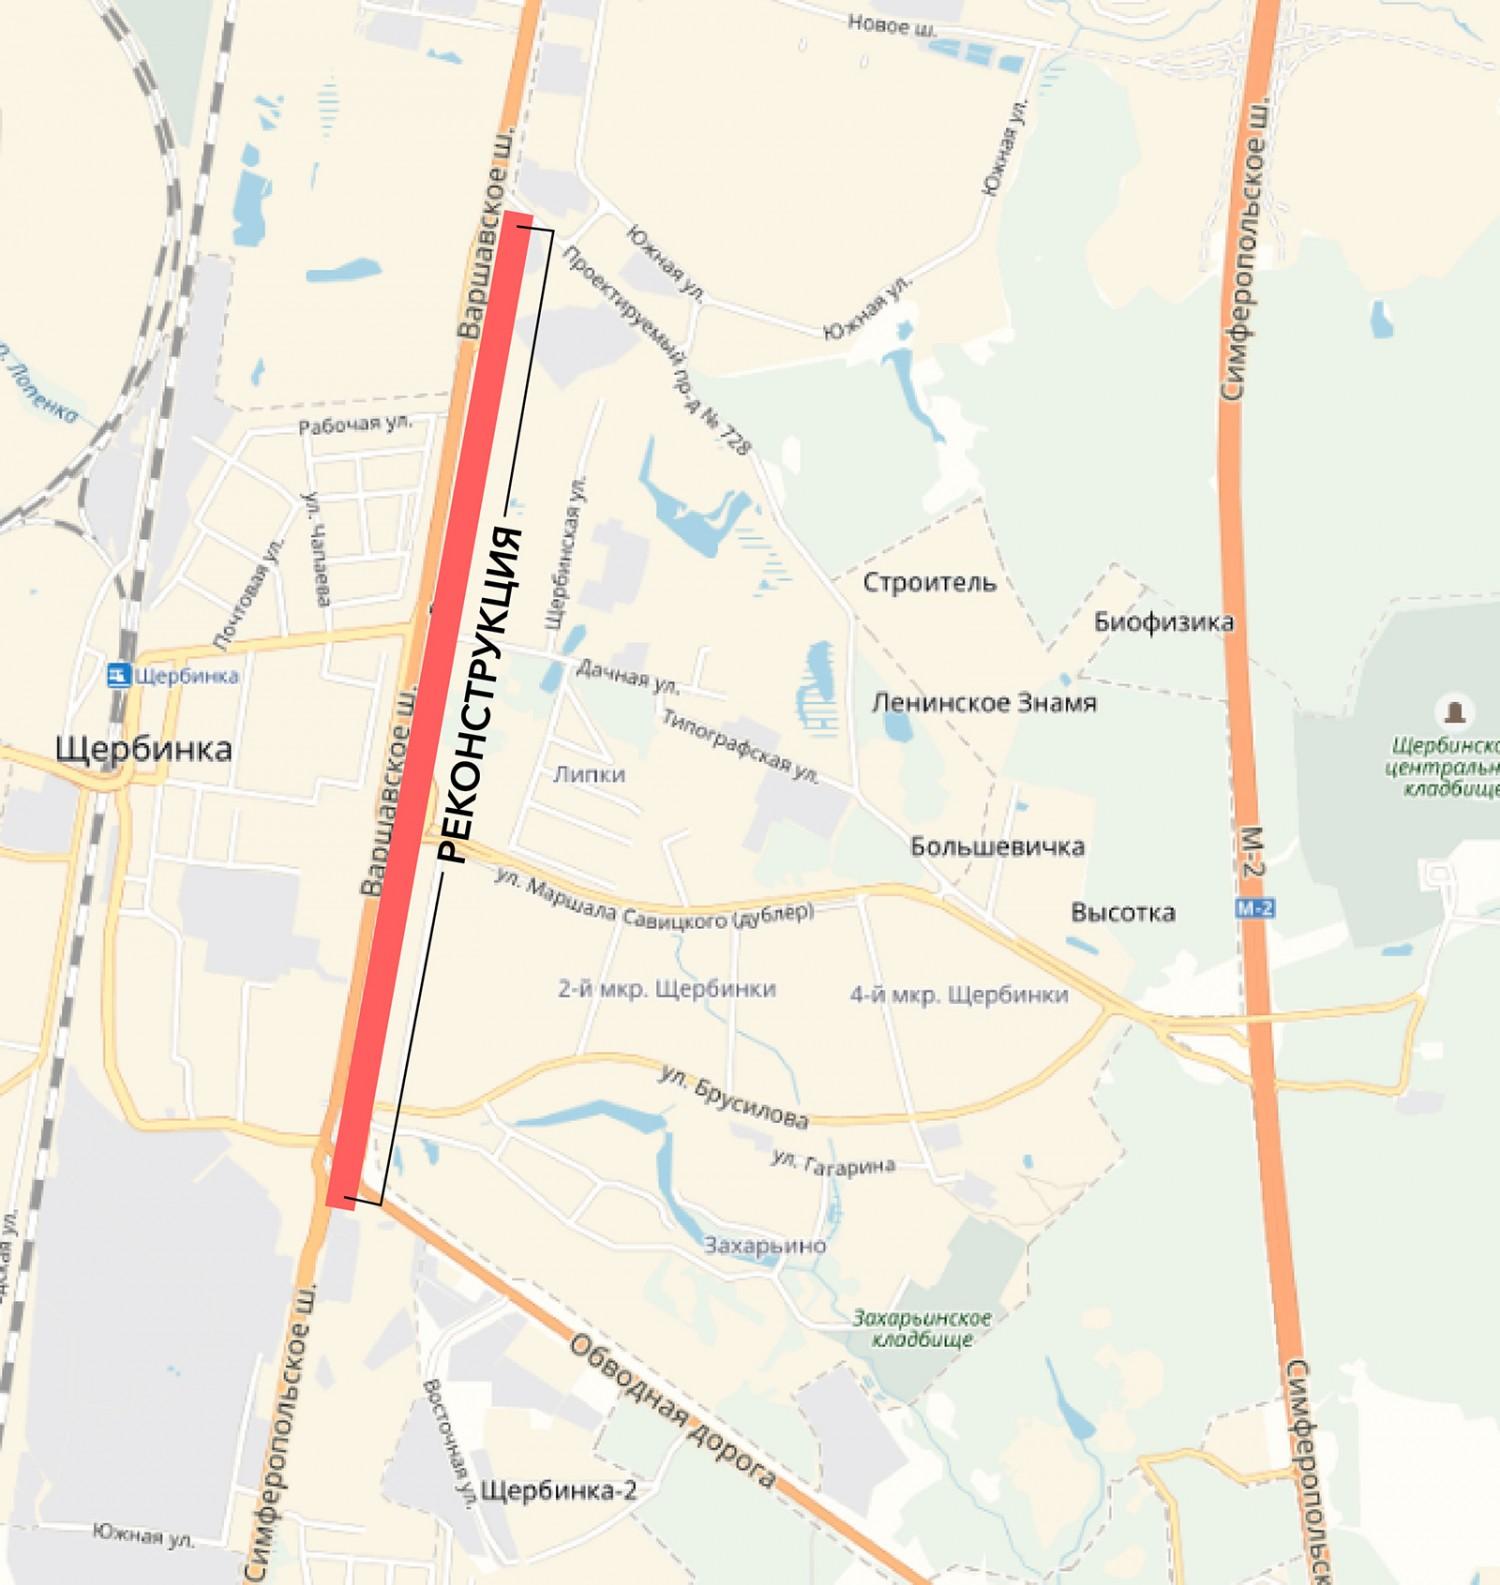 Участок Варшавского шоссе в районе Щербинки реконструируют до конца года